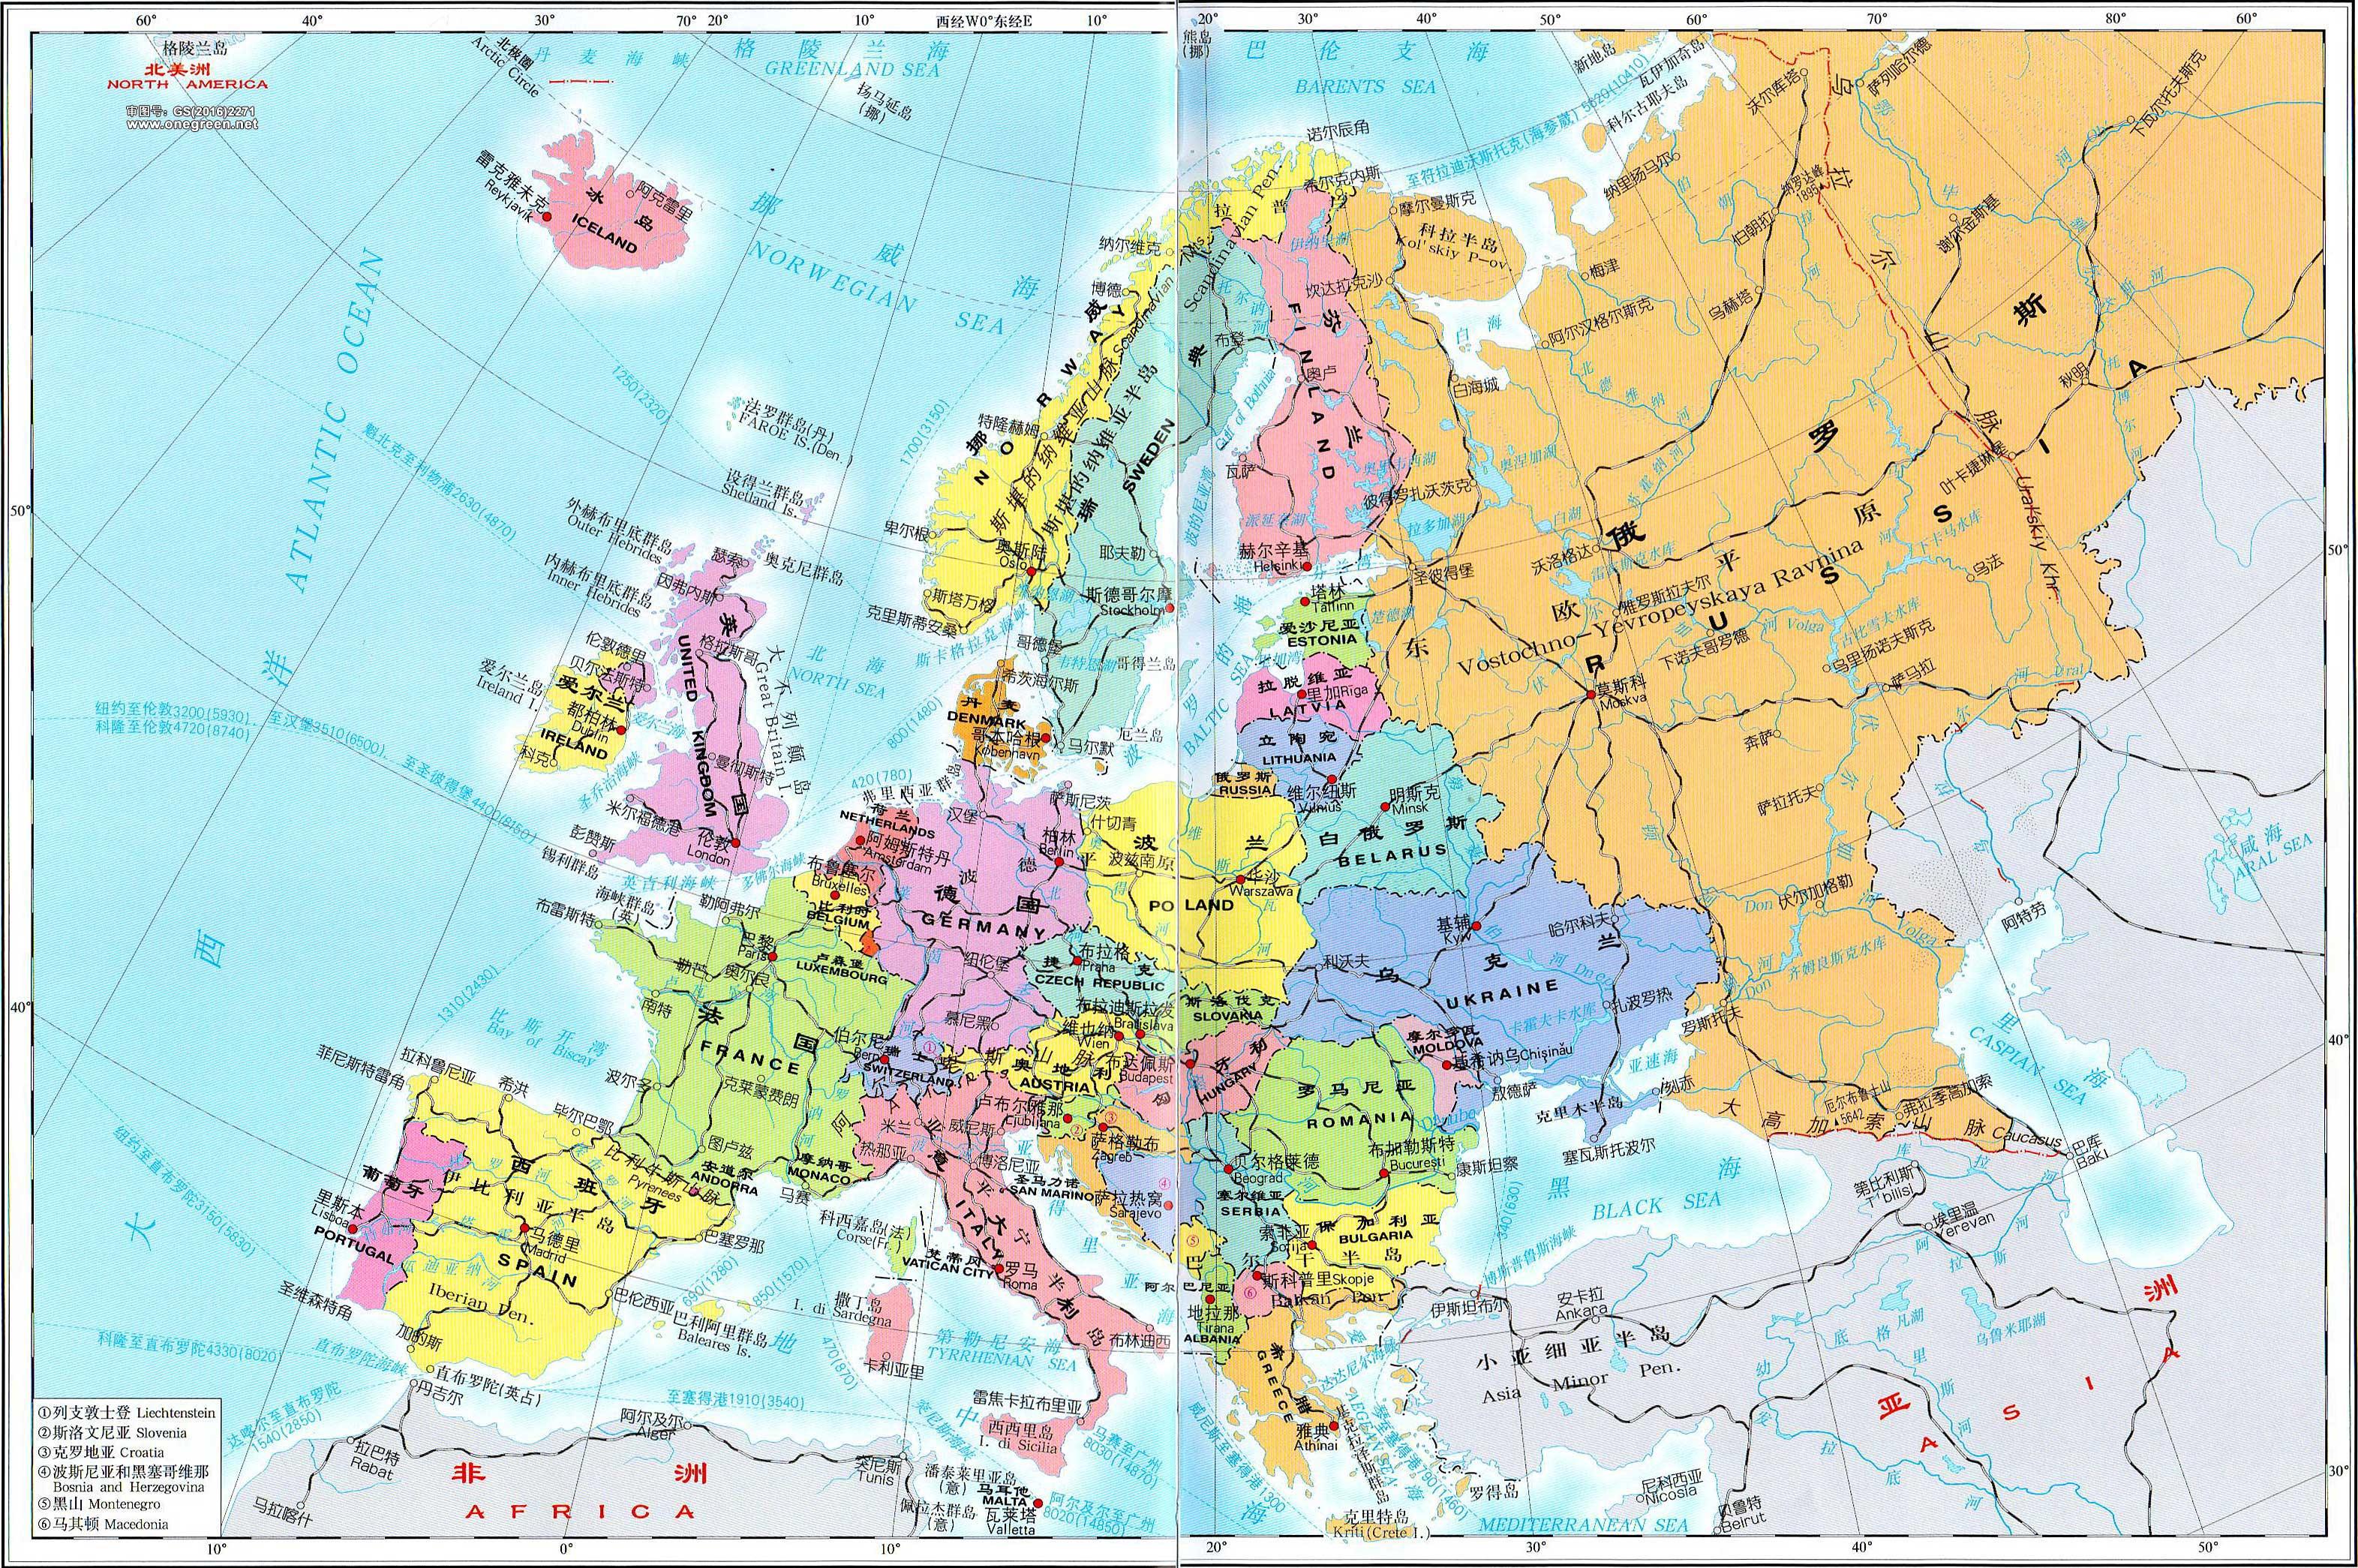 欧洲2018年经济总量_欧洲地图